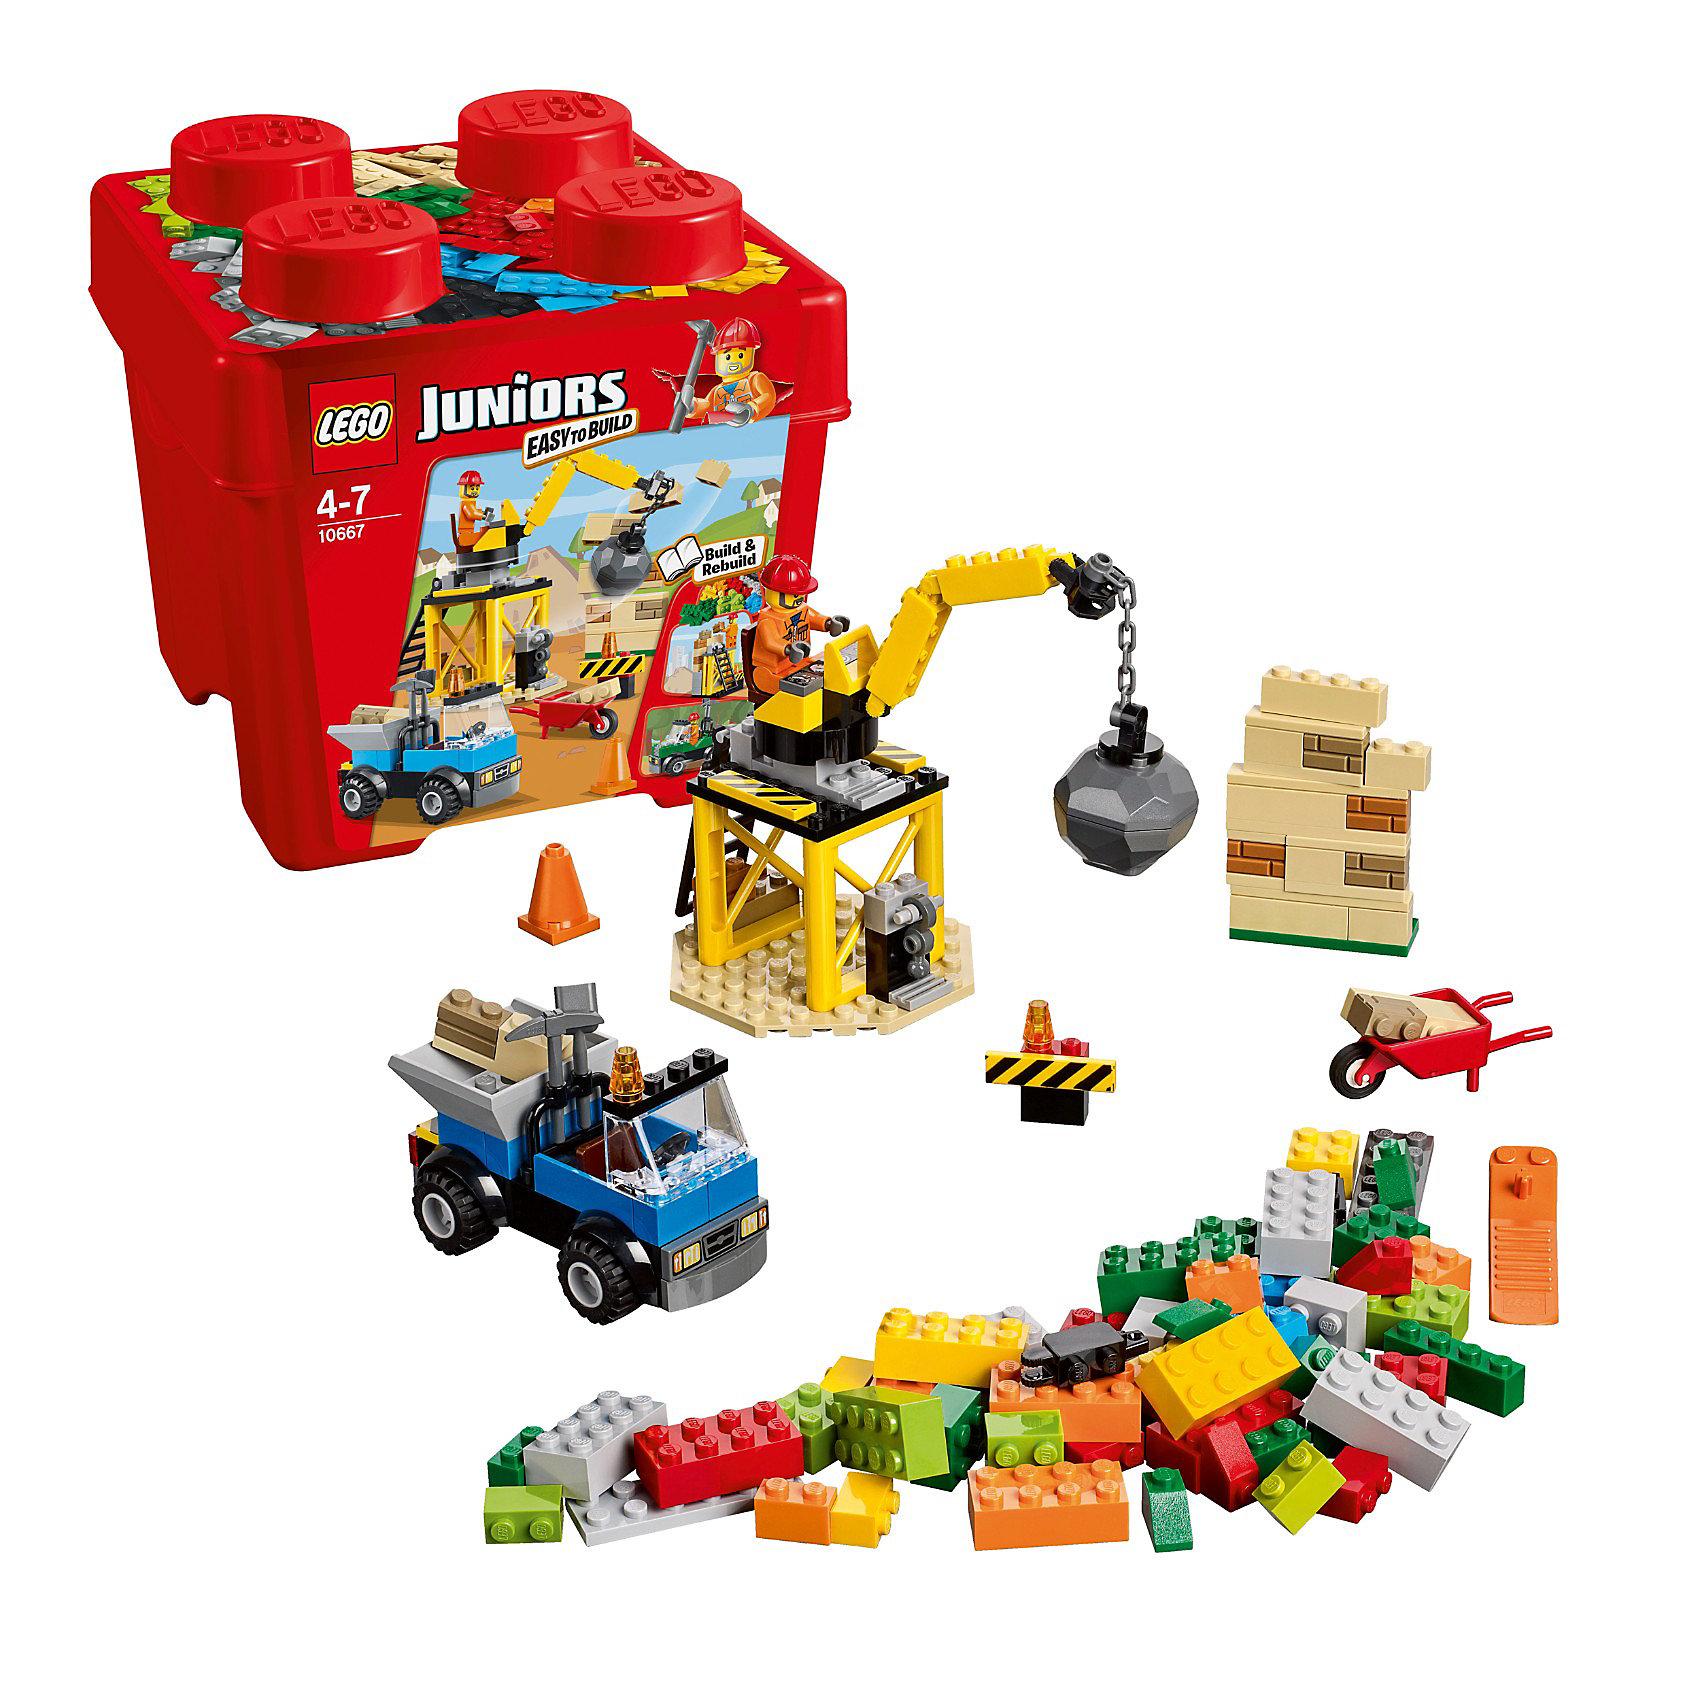 LEGO Juniors 10667: СтройкаЗамечательный набор LEGO Juniors (ЛЕГО Джуниорс) 10667: Стройка позволяет создать множество интересных объектов. Для того, чтобы демонтировать старые объекты и построить на их месте новые дома необходимо собрать подвижный кран с большим грузом на вышке. Рабочий легко заберется на кран с помощью приставной лестницы и выполнит задачу. Без специальных машин на стройке не обойтись: используйте фантазию и собирайте грузовики разного назначения. На них рабочий легко доставит инструменты и уберет ненужный строительный мусор. Инструменты доставлены - можно строить новый кирпичный дом. <br><br>LEGO Juniors (ЛЕГО Джуниорс) - серия конструкторов для детей от 4 до 7 лет. Размер кубиков и деталей соответствует обычным размерам. При этом наборы очень просты в сборке. Понятные инструкции позволяют детям быстро получить результат и приступить к игре. Конструкторы этой серии прекрасно детализированы, яркие, прочные, имеют множество различных сюжетов - идеально подходят для реалистичных и познавательных игр.<br><br>Дополнительная информация:<br><br>- Конструкторы ЛЕГО развивают усидчивость, внимание, фантазию и мелкую моторику; <br>- В комплекте минифигурка рабочего и множество разноцветных блоков, заградительные блоки с сигнальными огнями, колёса, ветровые стекла и фары, рычаги управления, лестницу, тележку, лопату, кирку и сепаратор для разделения деталей;<br>- Количество деталей: 160 шт;<br>- Серия ЛЕГО Джуниорс (LEGO Juniors);<br>- Материал: пластик;<br>- Размер упаковки: 18,9 х 17,9 х 18 см;<br>- Вес: 0,7 кг.<br><br>Конструктор LEGO Juniors (ЛЕГО Джуниорс) 10667: Стройка можно купить в нашем магазине.<br><br>Ширина мм: 188<br>Глубина мм: 182<br>Высота мм: 180<br>Вес г: 539<br>Возраст от месяцев: 48<br>Возраст до месяцев: 84<br>Пол: Мужской<br>Возраст: Детский<br>SKU: 3342516